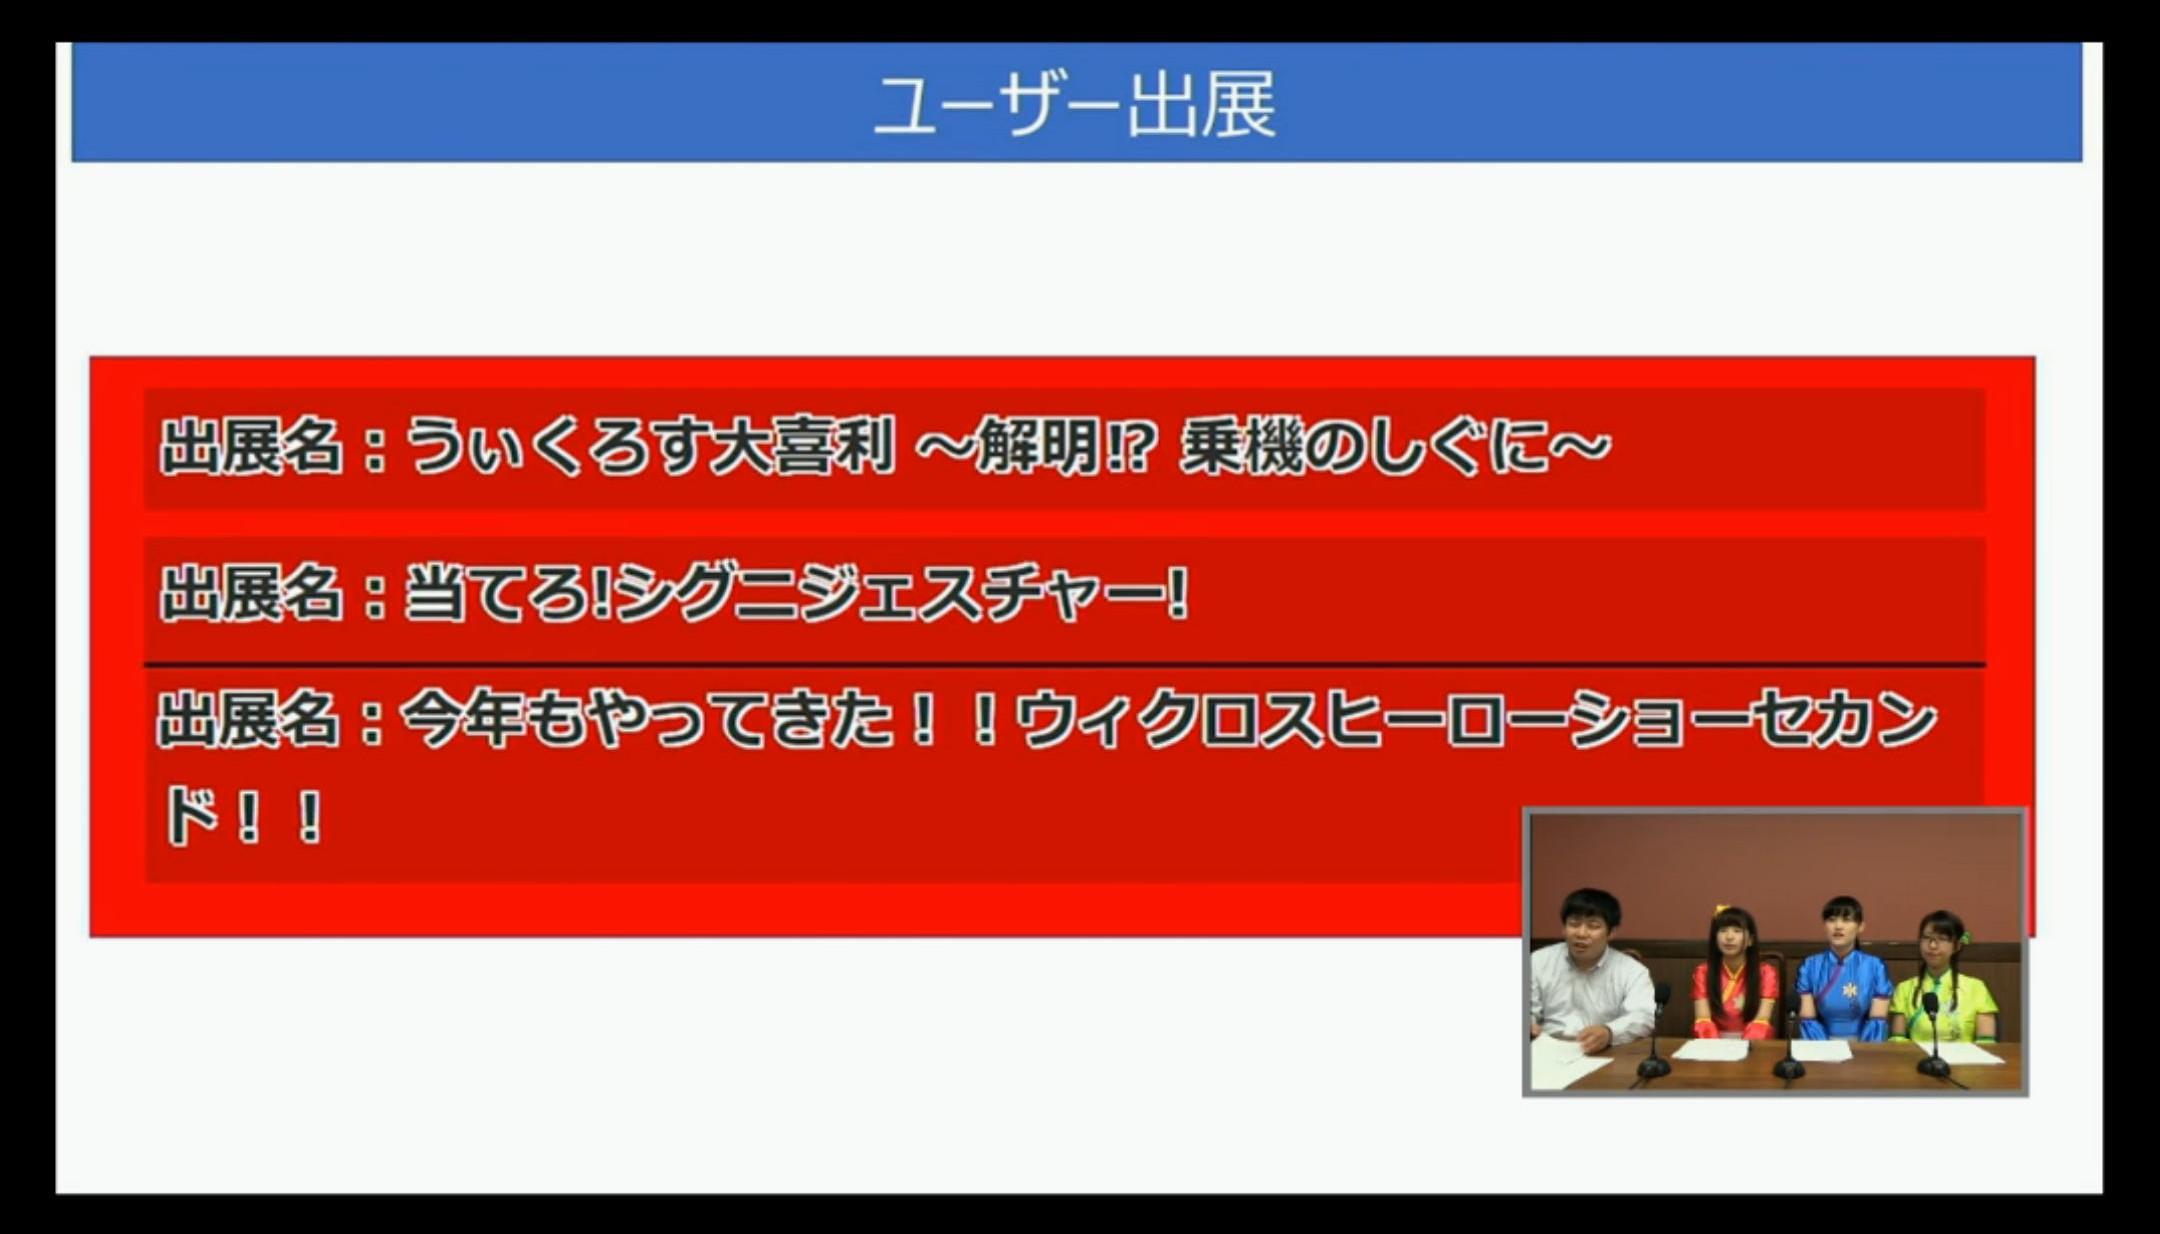 wx-live-170724-004.jpg